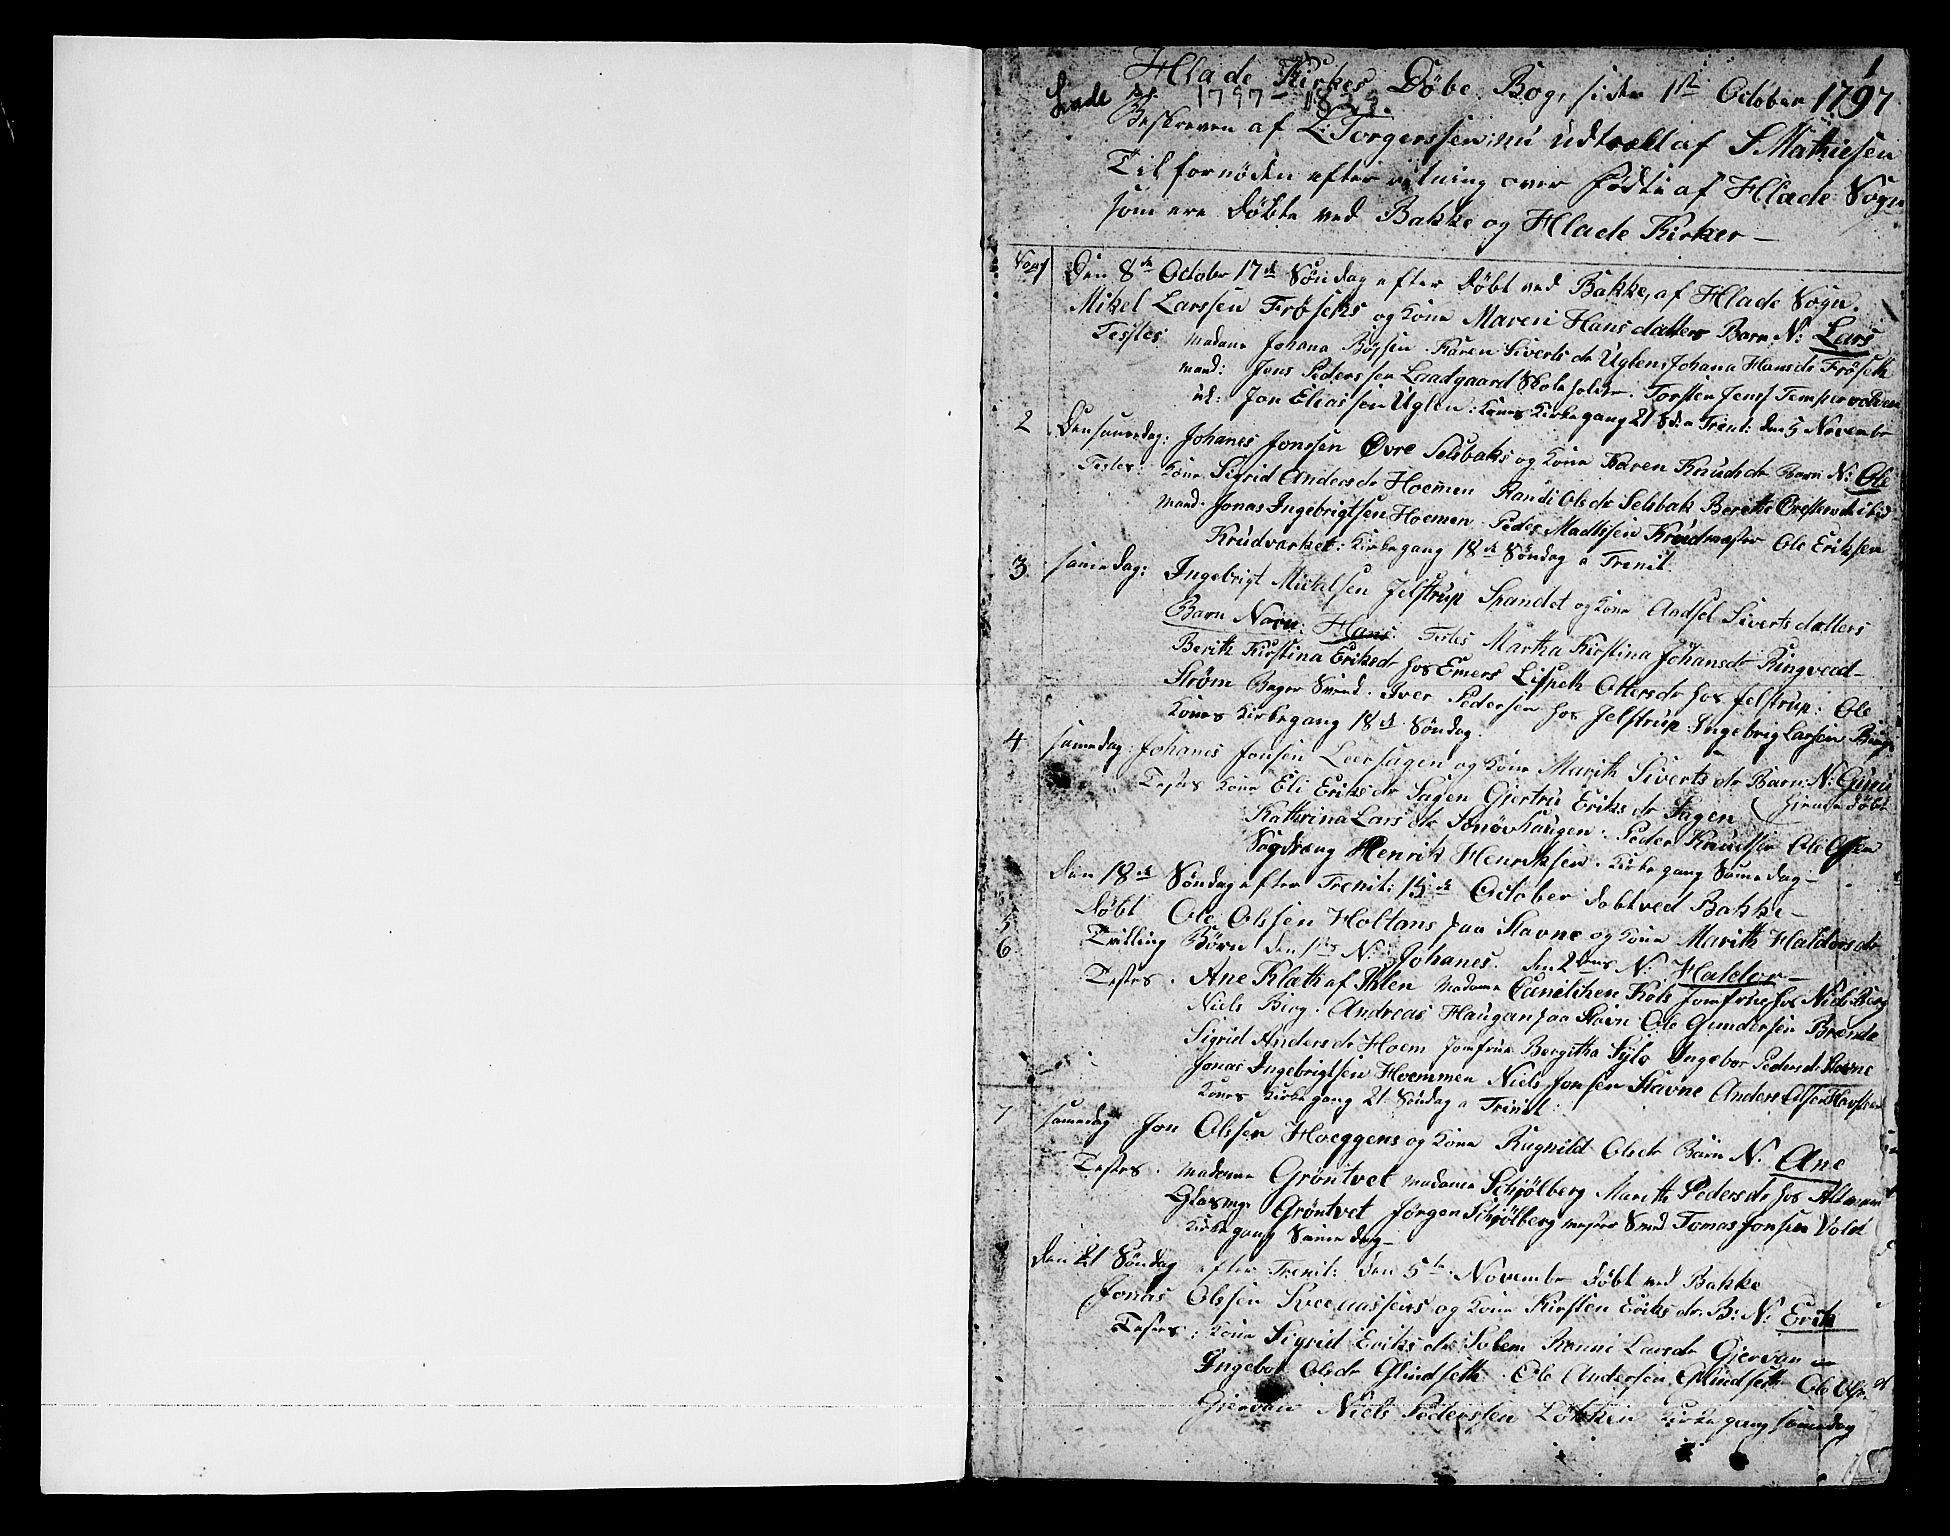 SAT, Ministerialprotokoller, klokkerbøker og fødselsregistre - Sør-Trøndelag, 606/L0306: Klokkerbok nr. 606C02, 1797-1829, s. 0-1